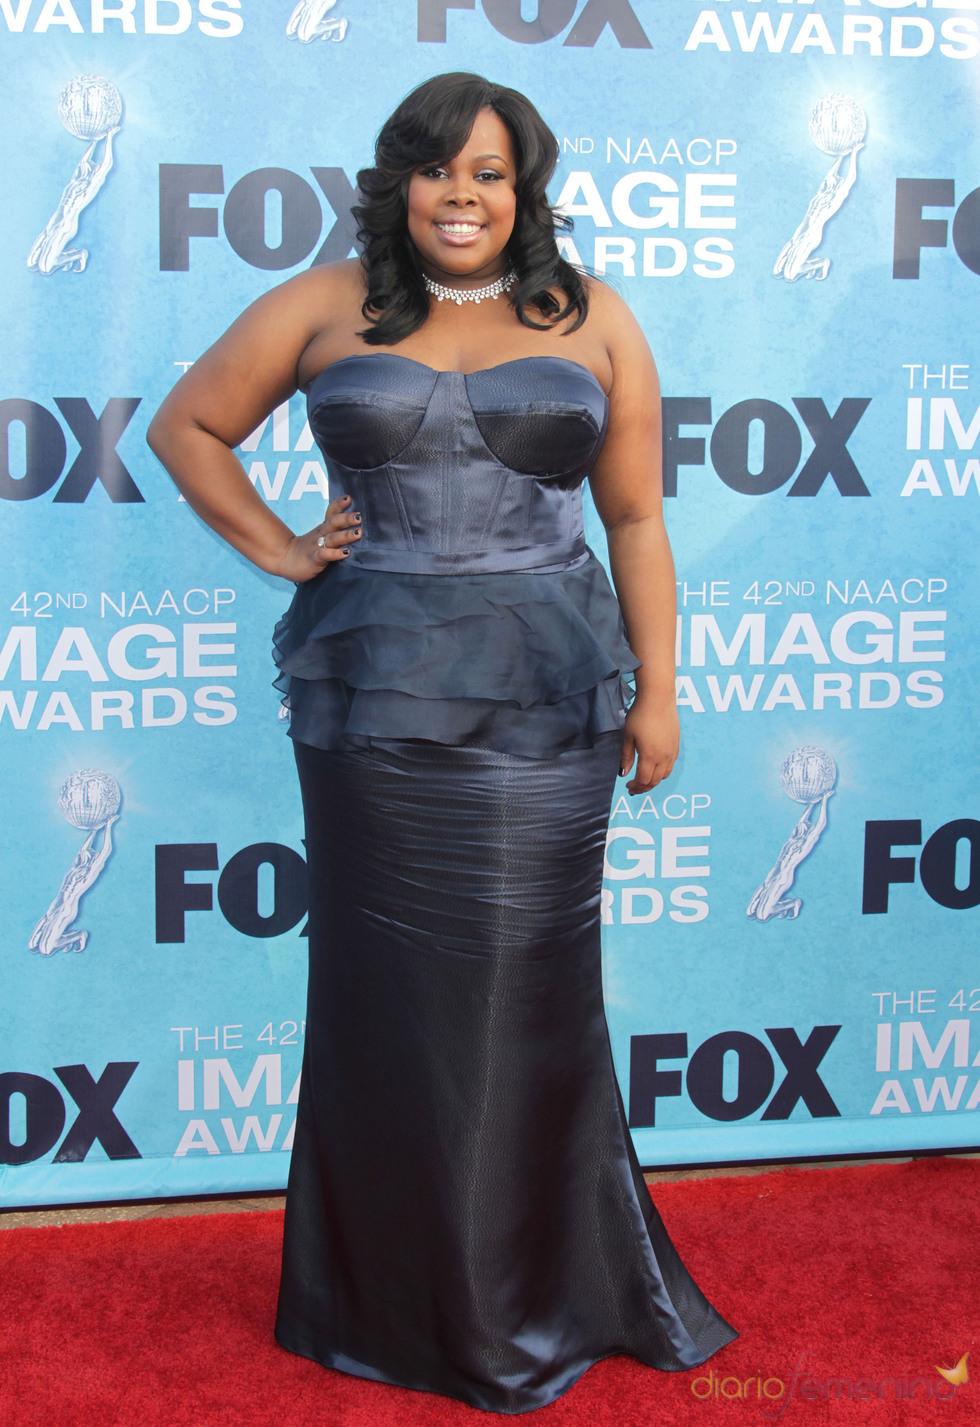 Amber Riley en los premios Imagen 2011